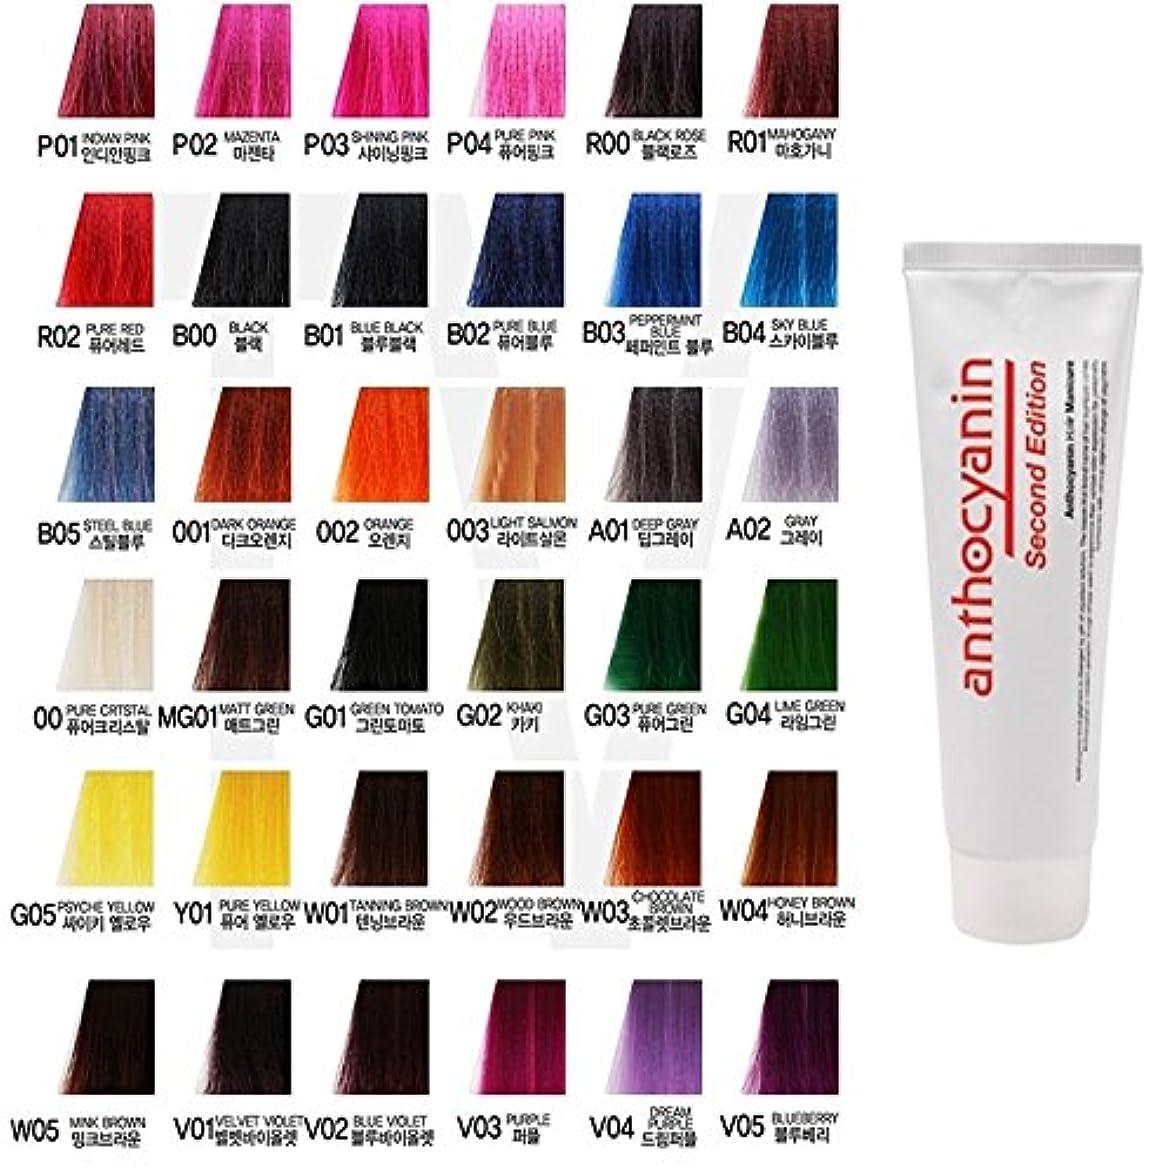 誇り明らかにする全員ヘア マニキュア カラー セカンド エディション 230g セミ パーマネント 染毛剤 (Hair Manicure Color Second Edition 230g Semi Permanent Hair Dye) [並行輸入品] (G14 Psyche Lime)